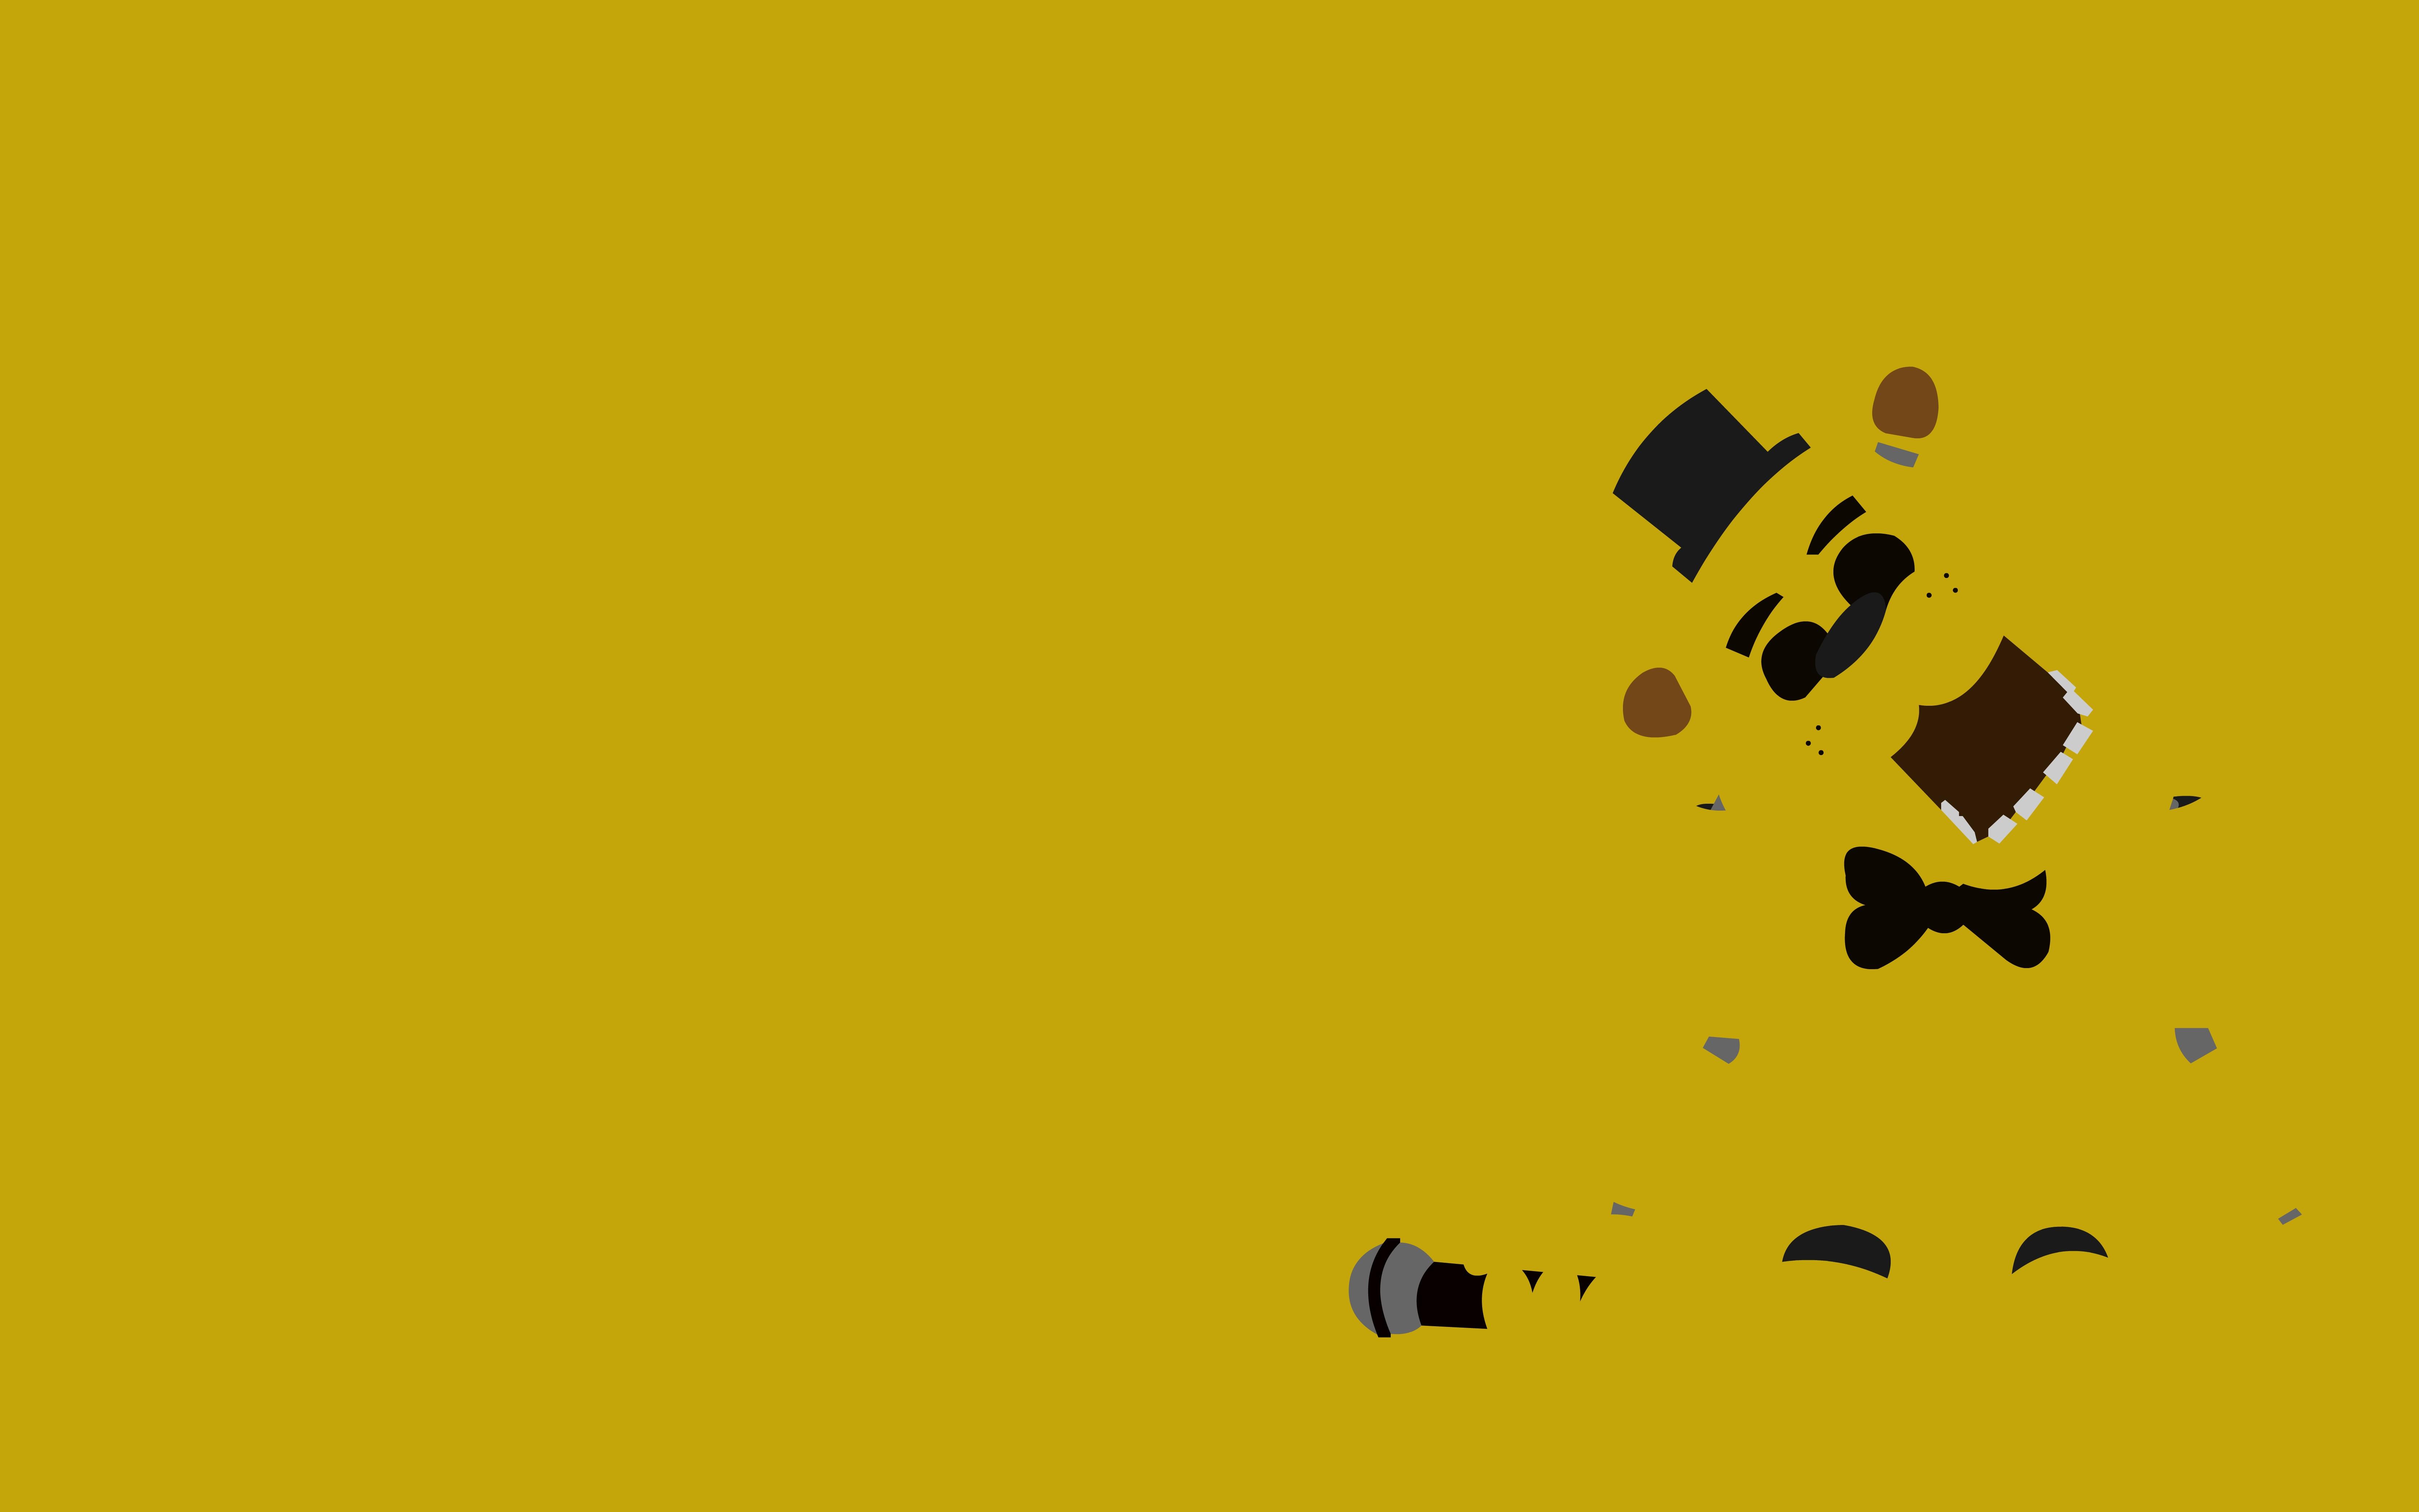 Golden Freddy by dragonitearmy 6667x4167